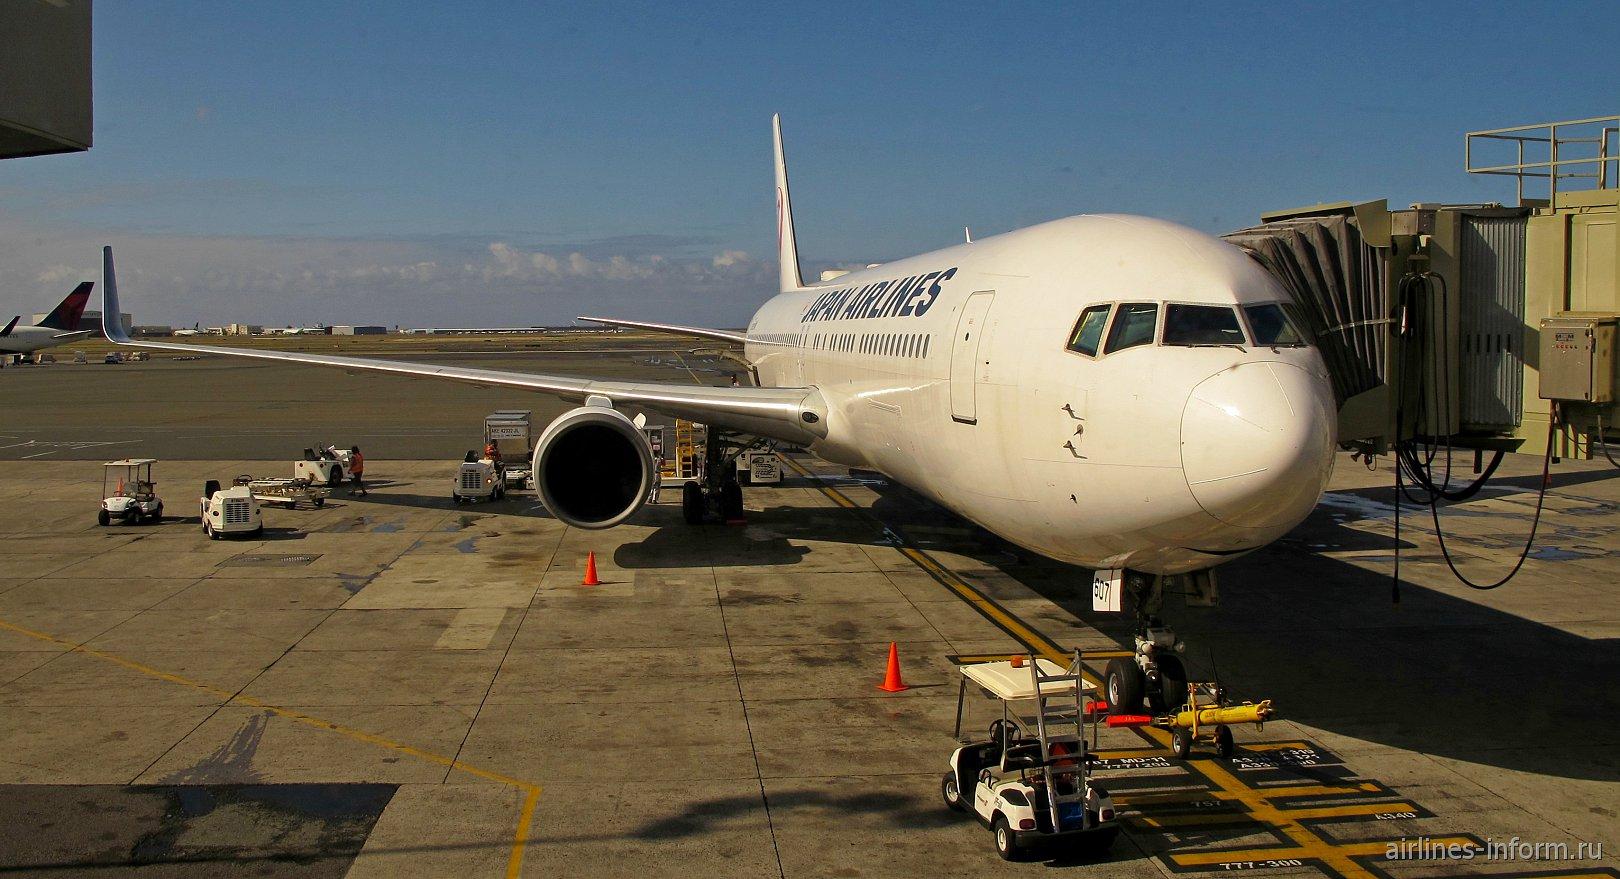 Боинг-767-300 Японских авиалиний в аэропорту Гонолулу